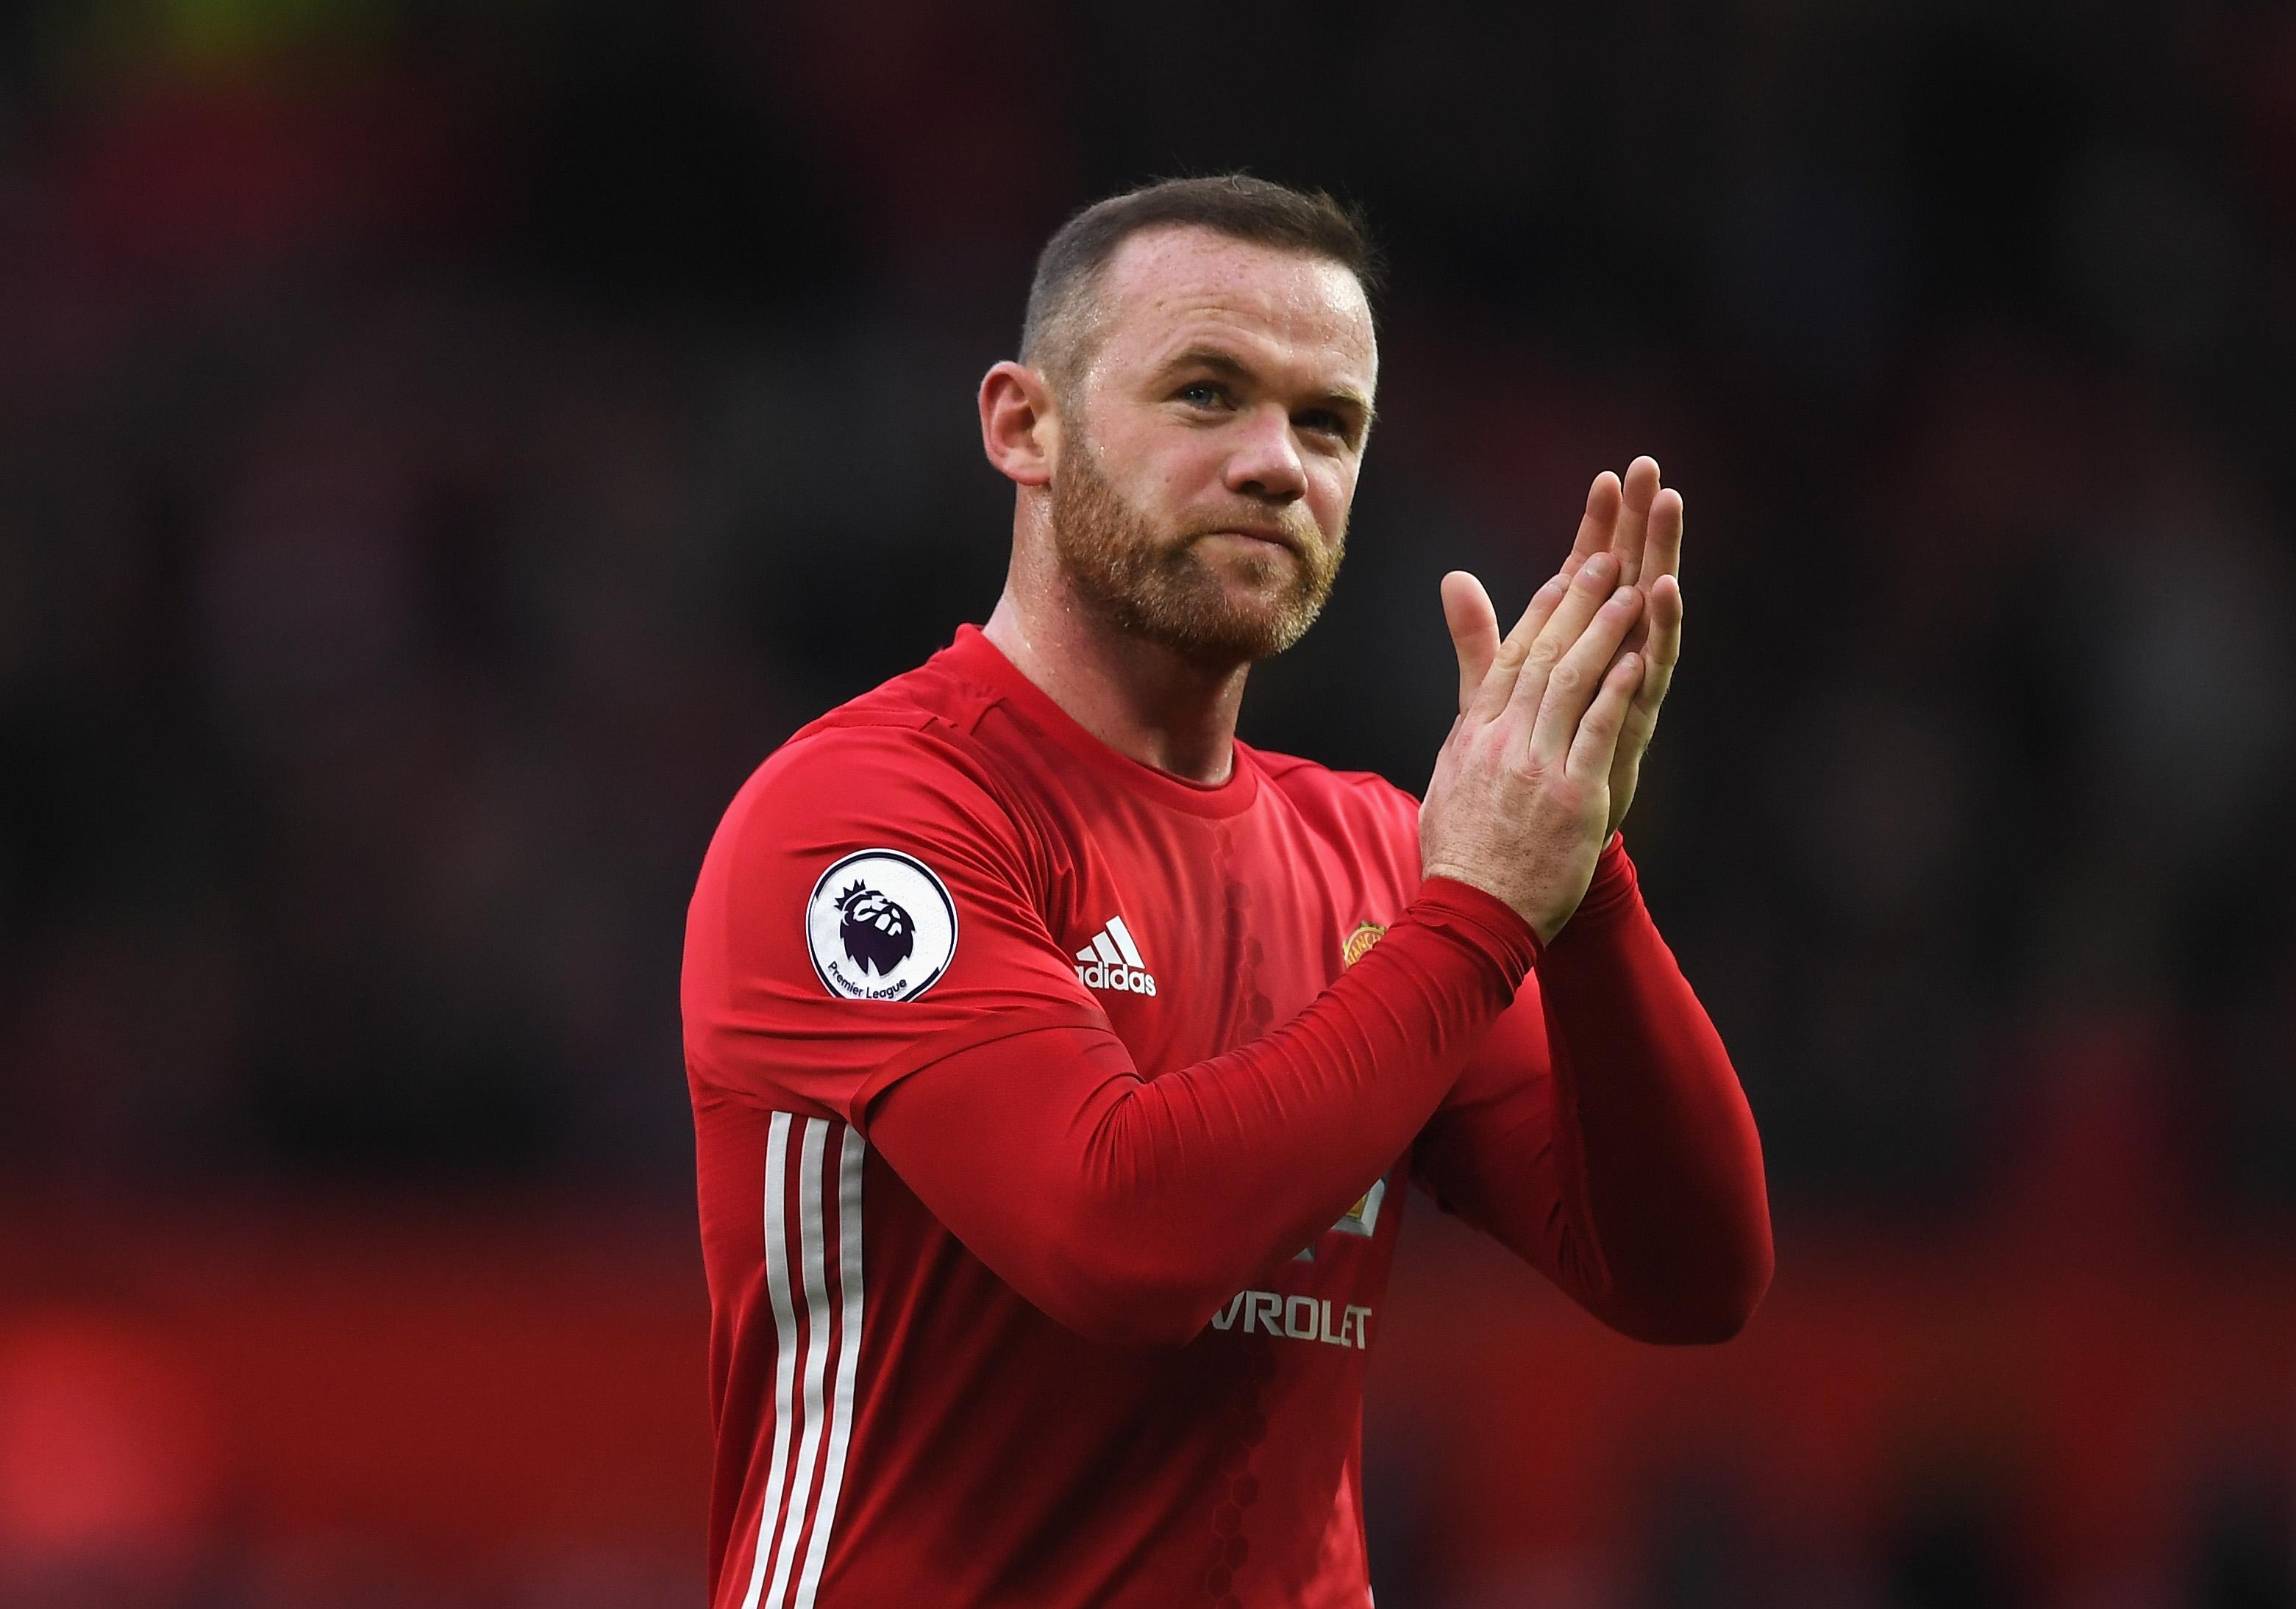 Man Utd không cần những bàn thắng khi có khi không của Rooney - Ảnh 6.